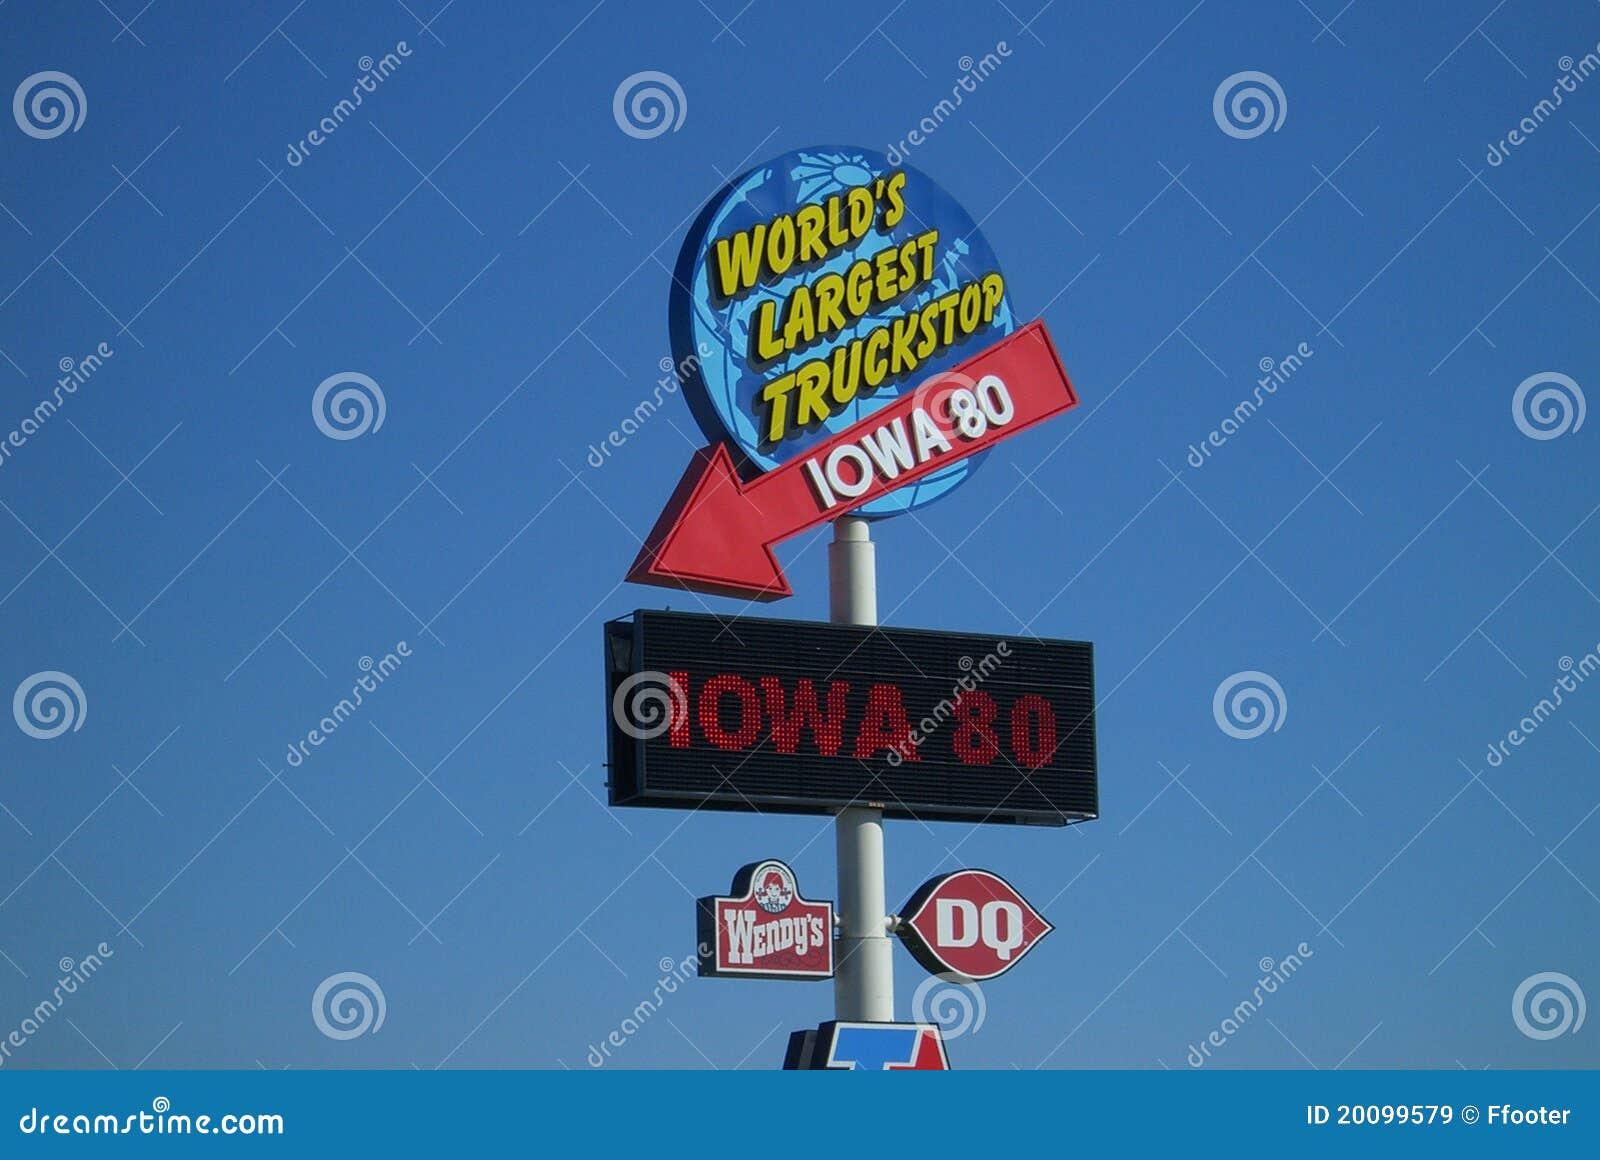 80 truckstop Iowa